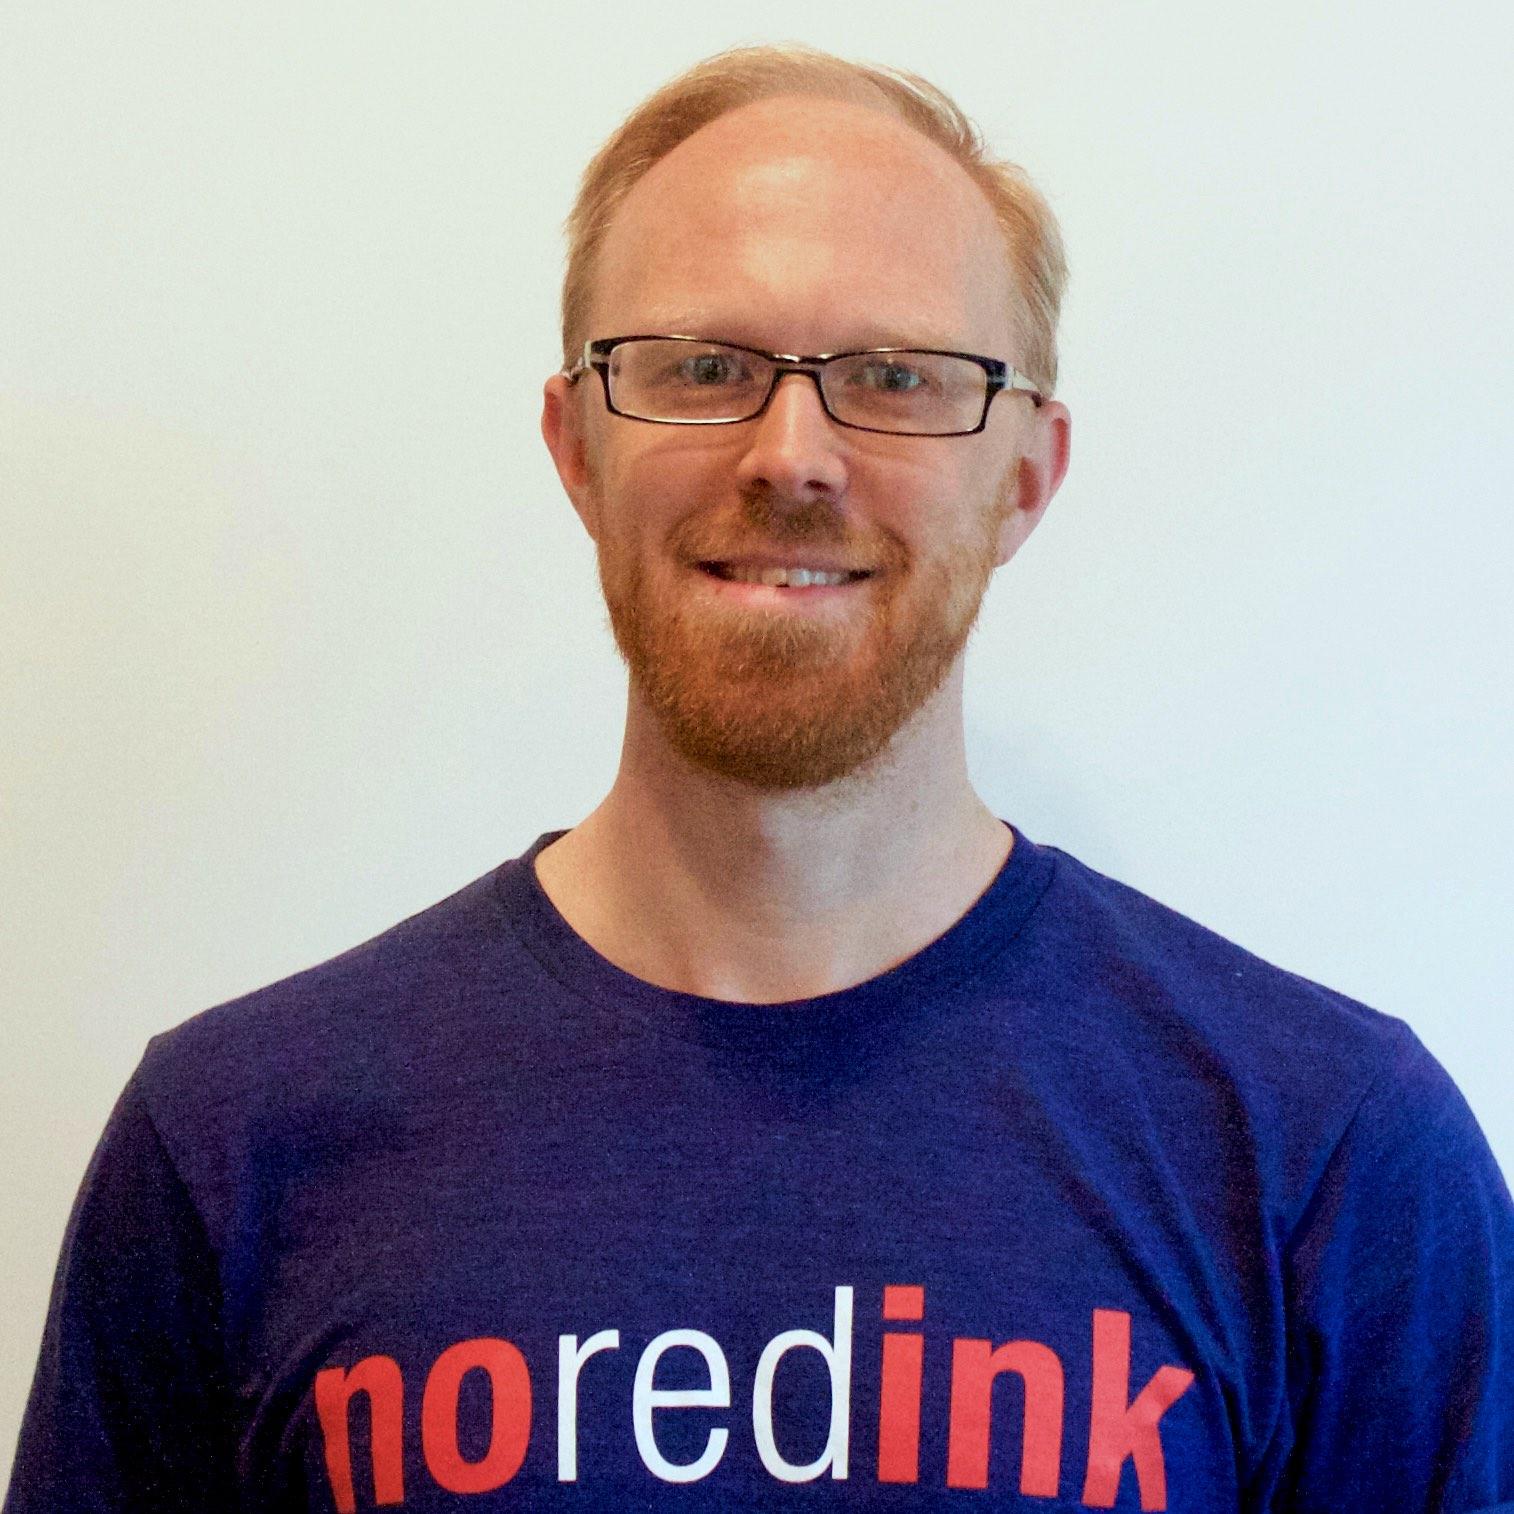 Aaron VonderHaar